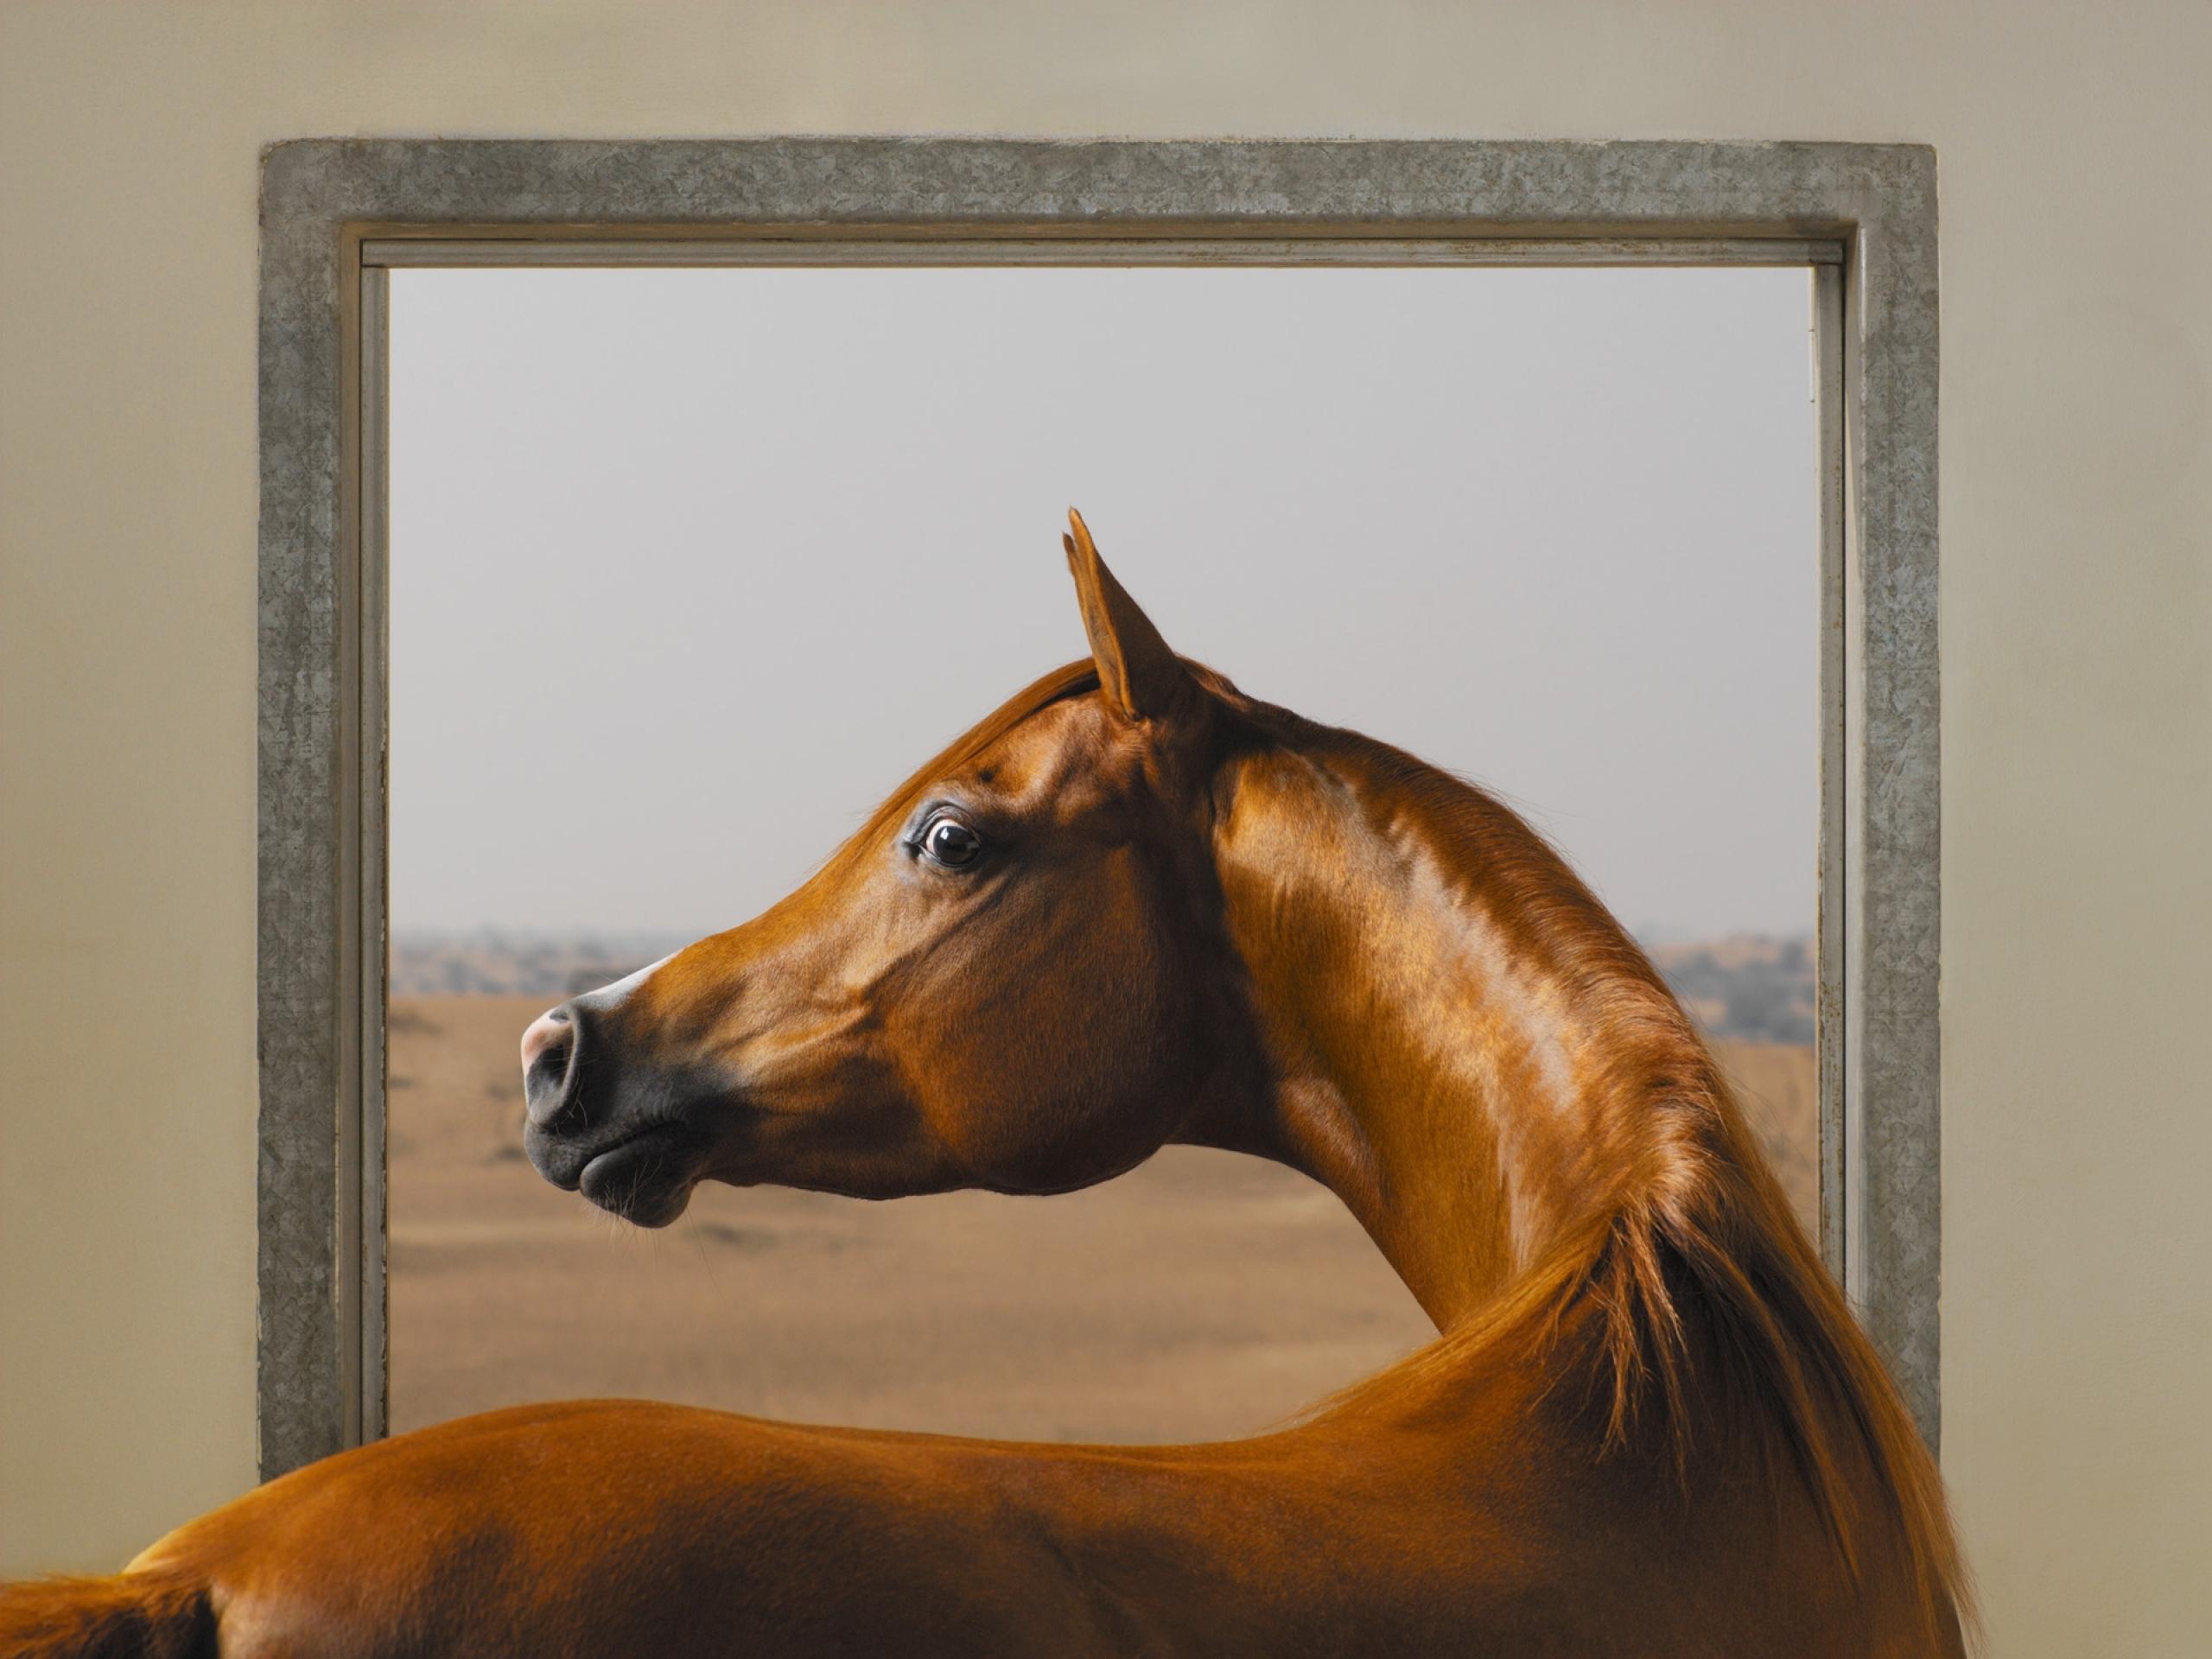 horses_1920x1521_wallpaper_Wallpaper_2560x1920_www.wall321.com